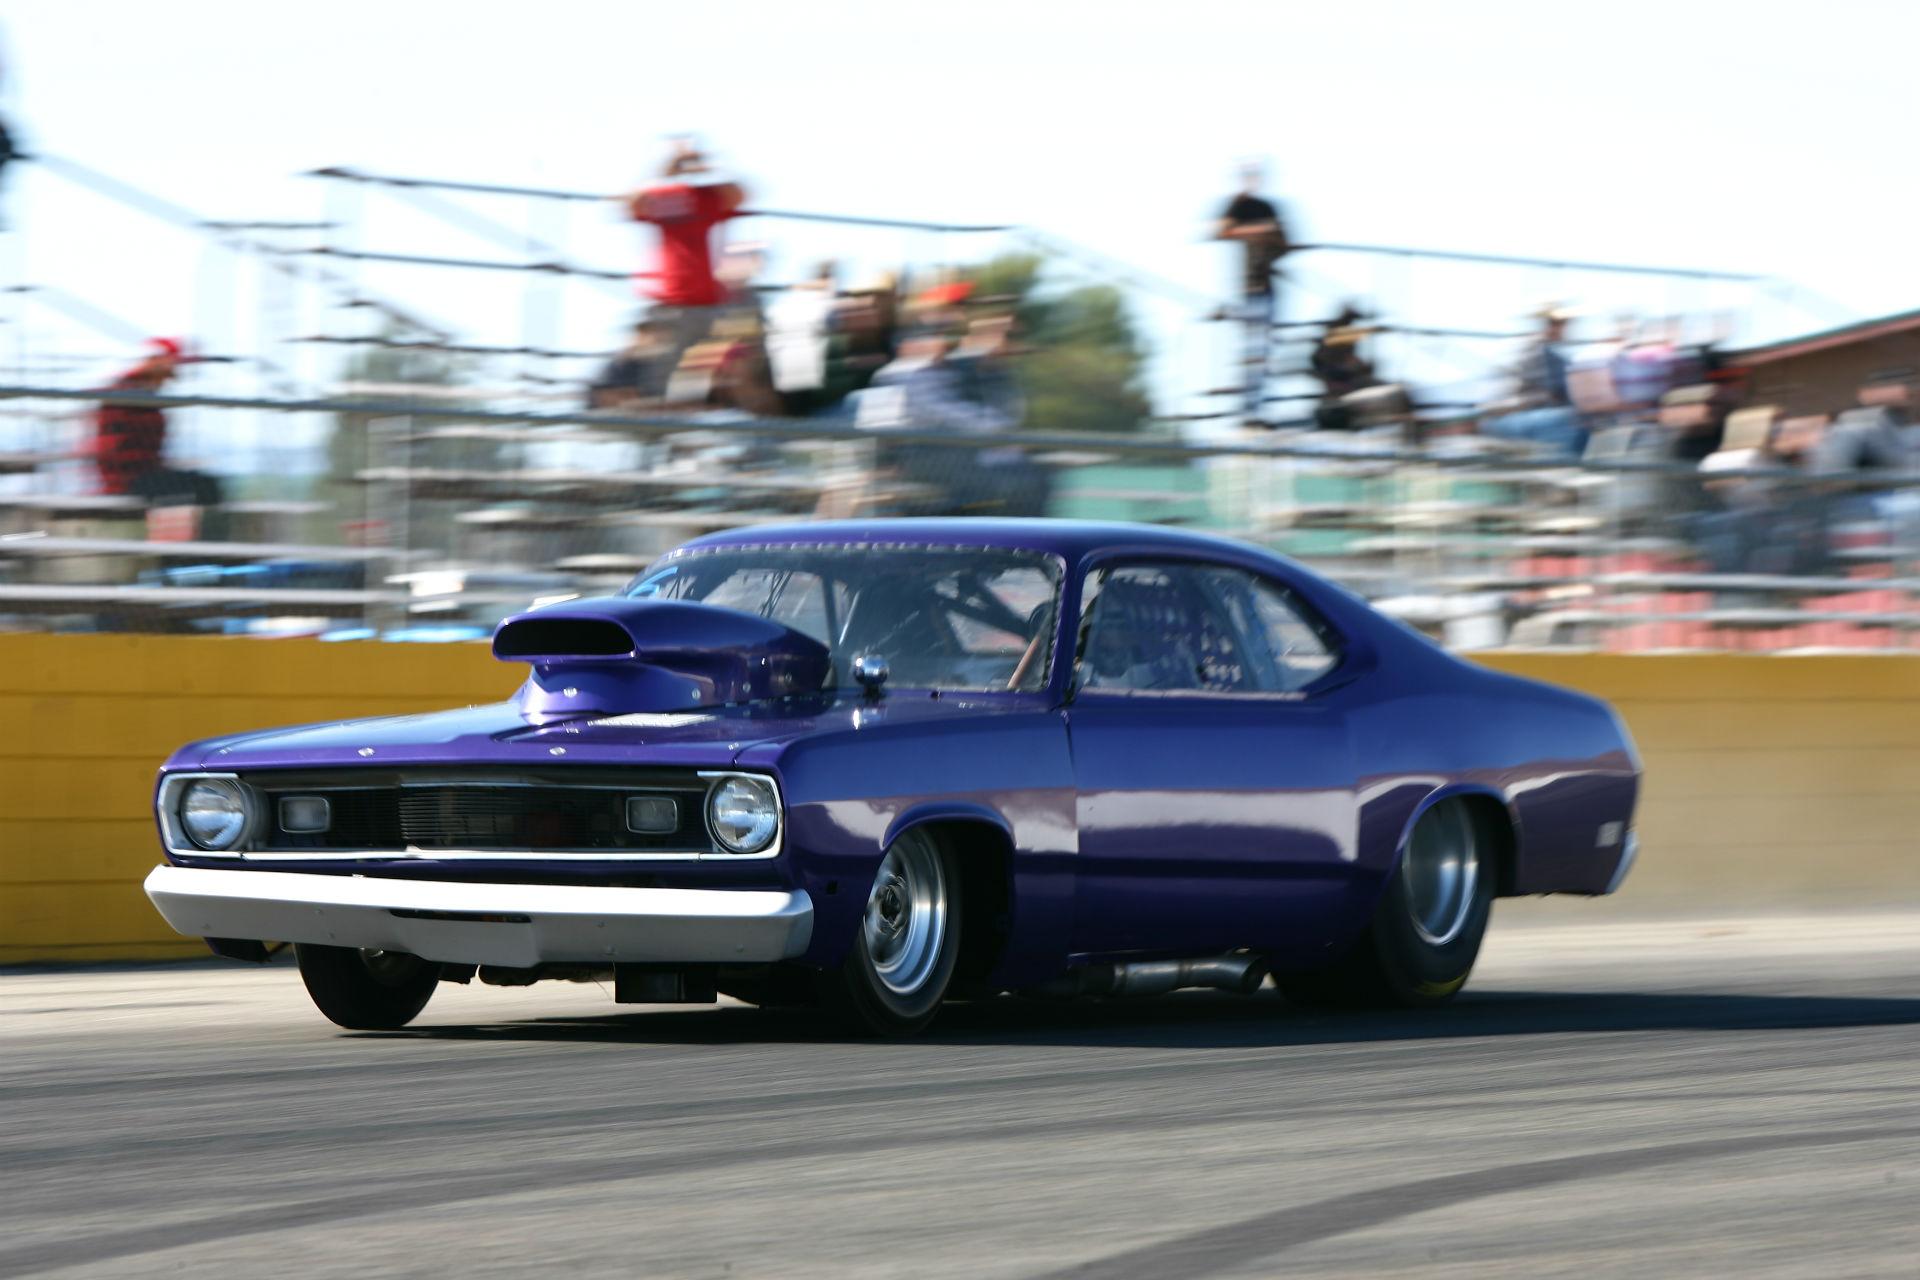 Dodge demon drag racing race wallpaper 1920x1280 36628 1920x1280